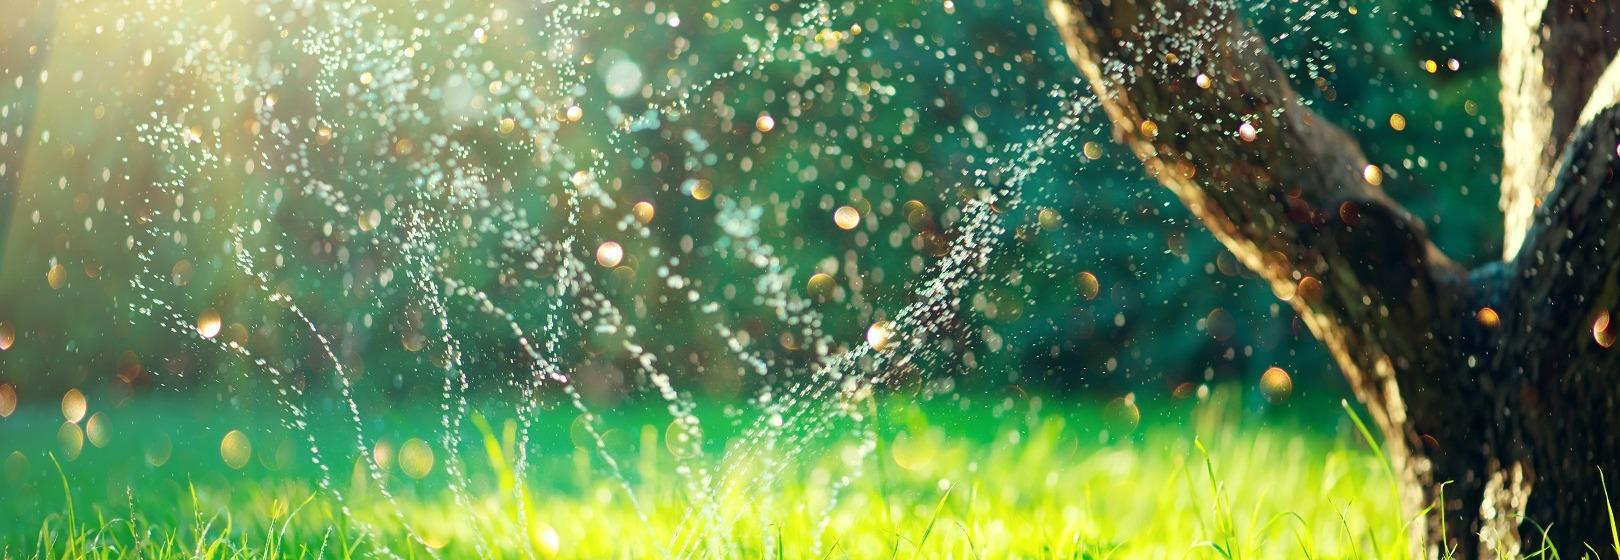 zraszacz ogrodowy podlewa trawę